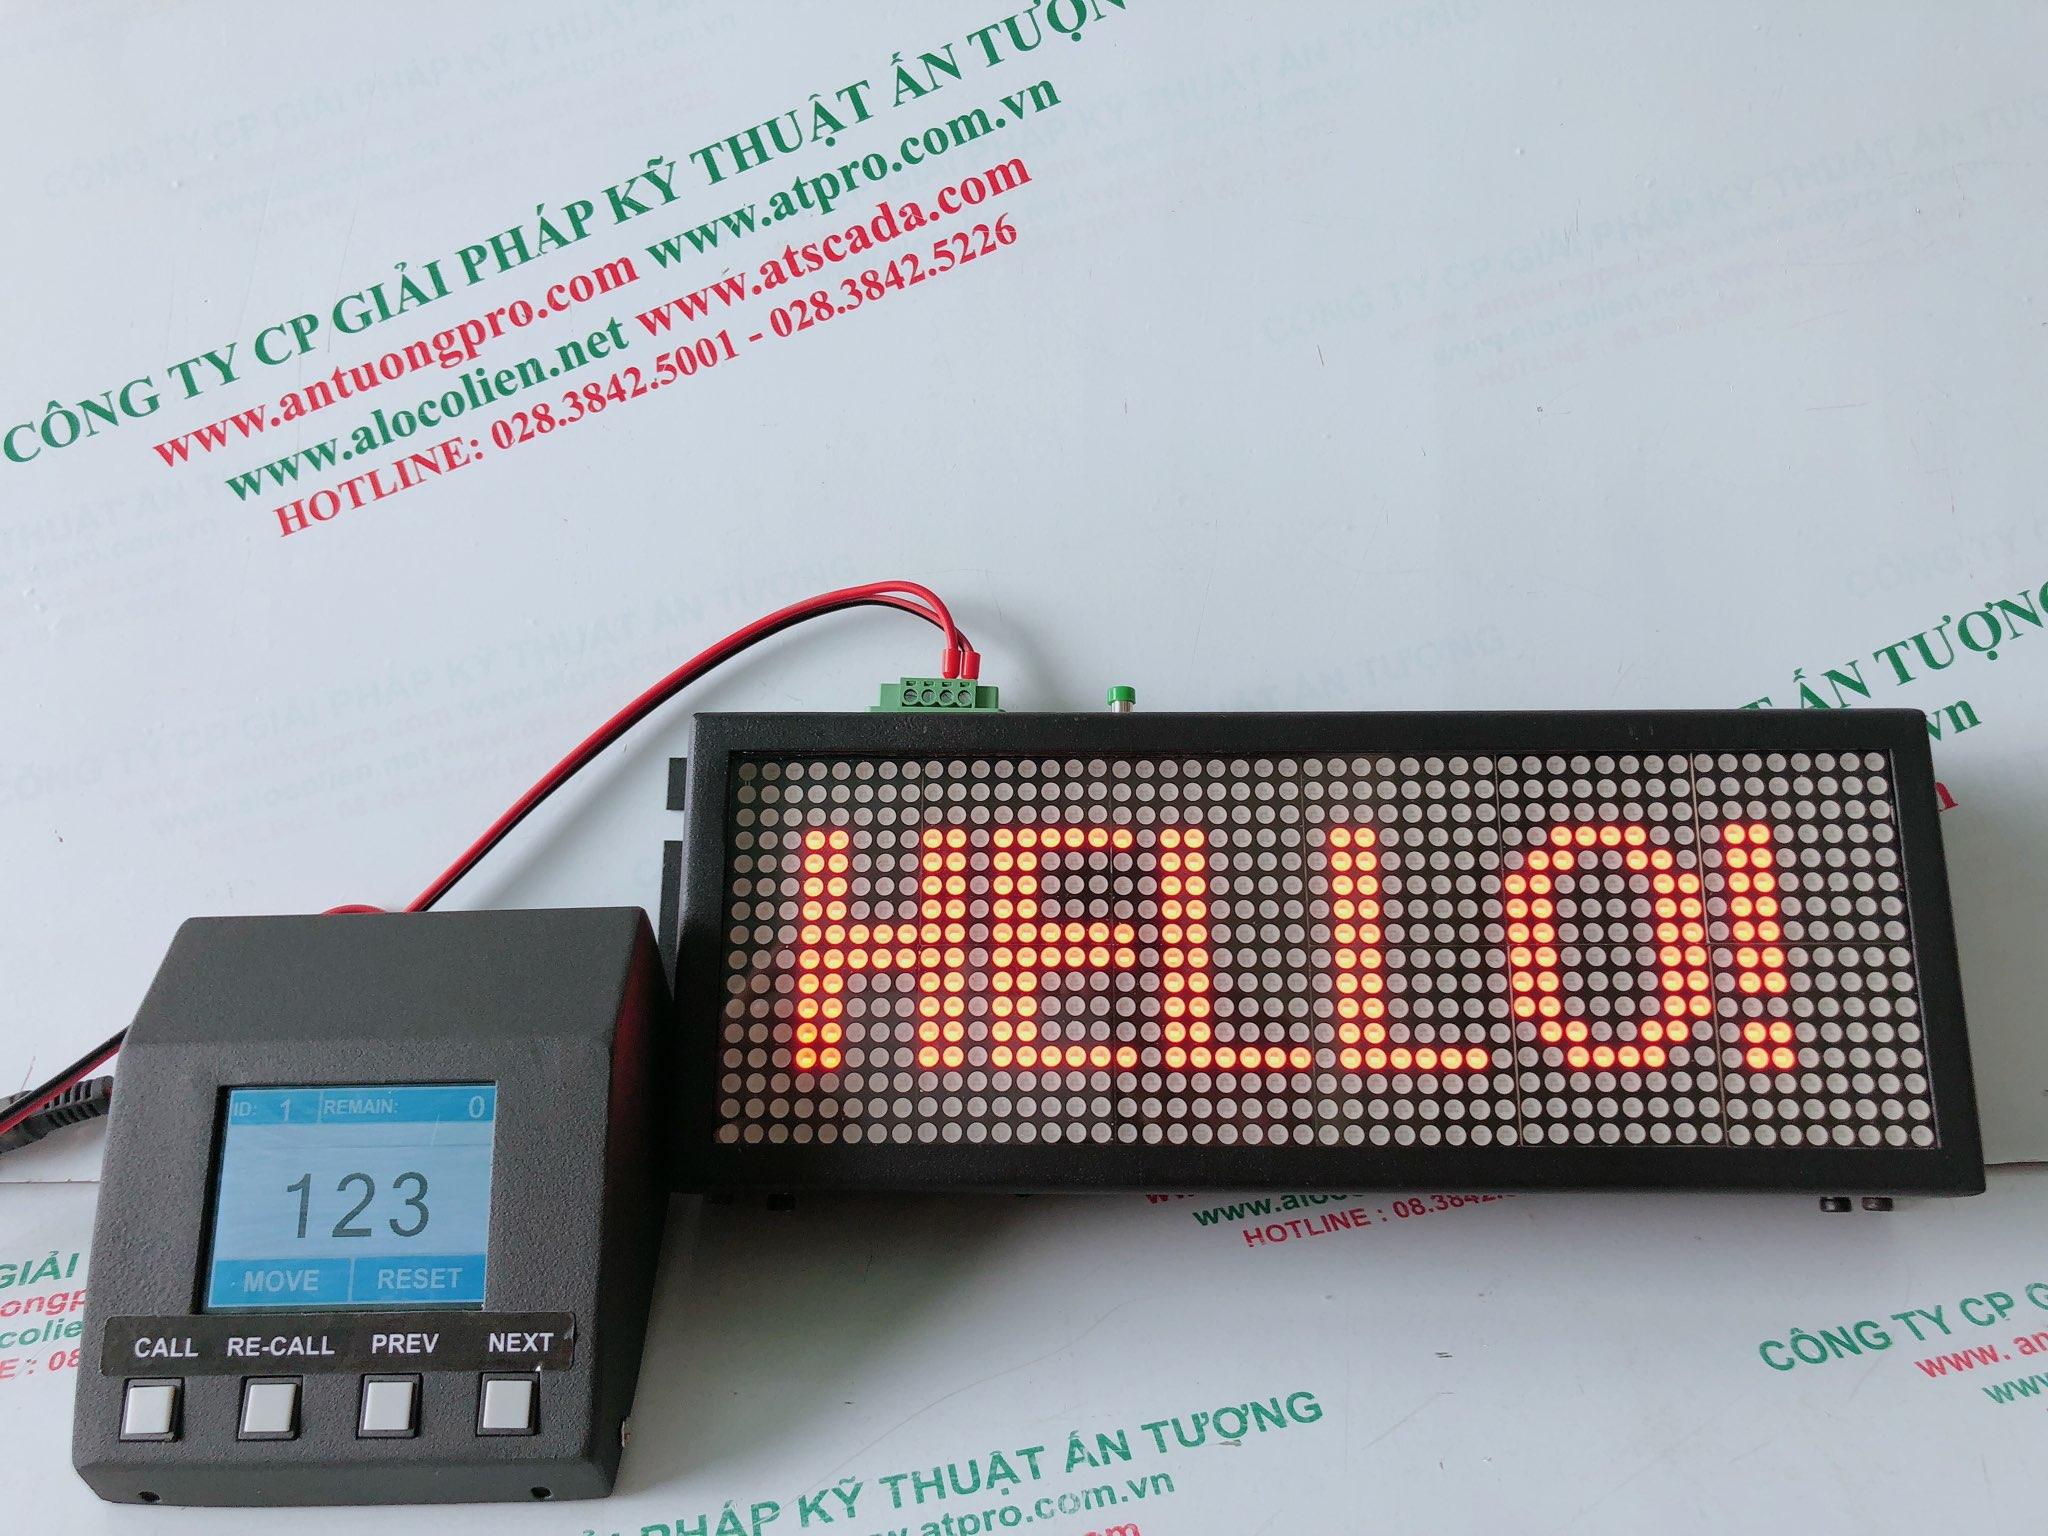 Bộ gọi số thứ tự led matrix của thương hiệu iCall